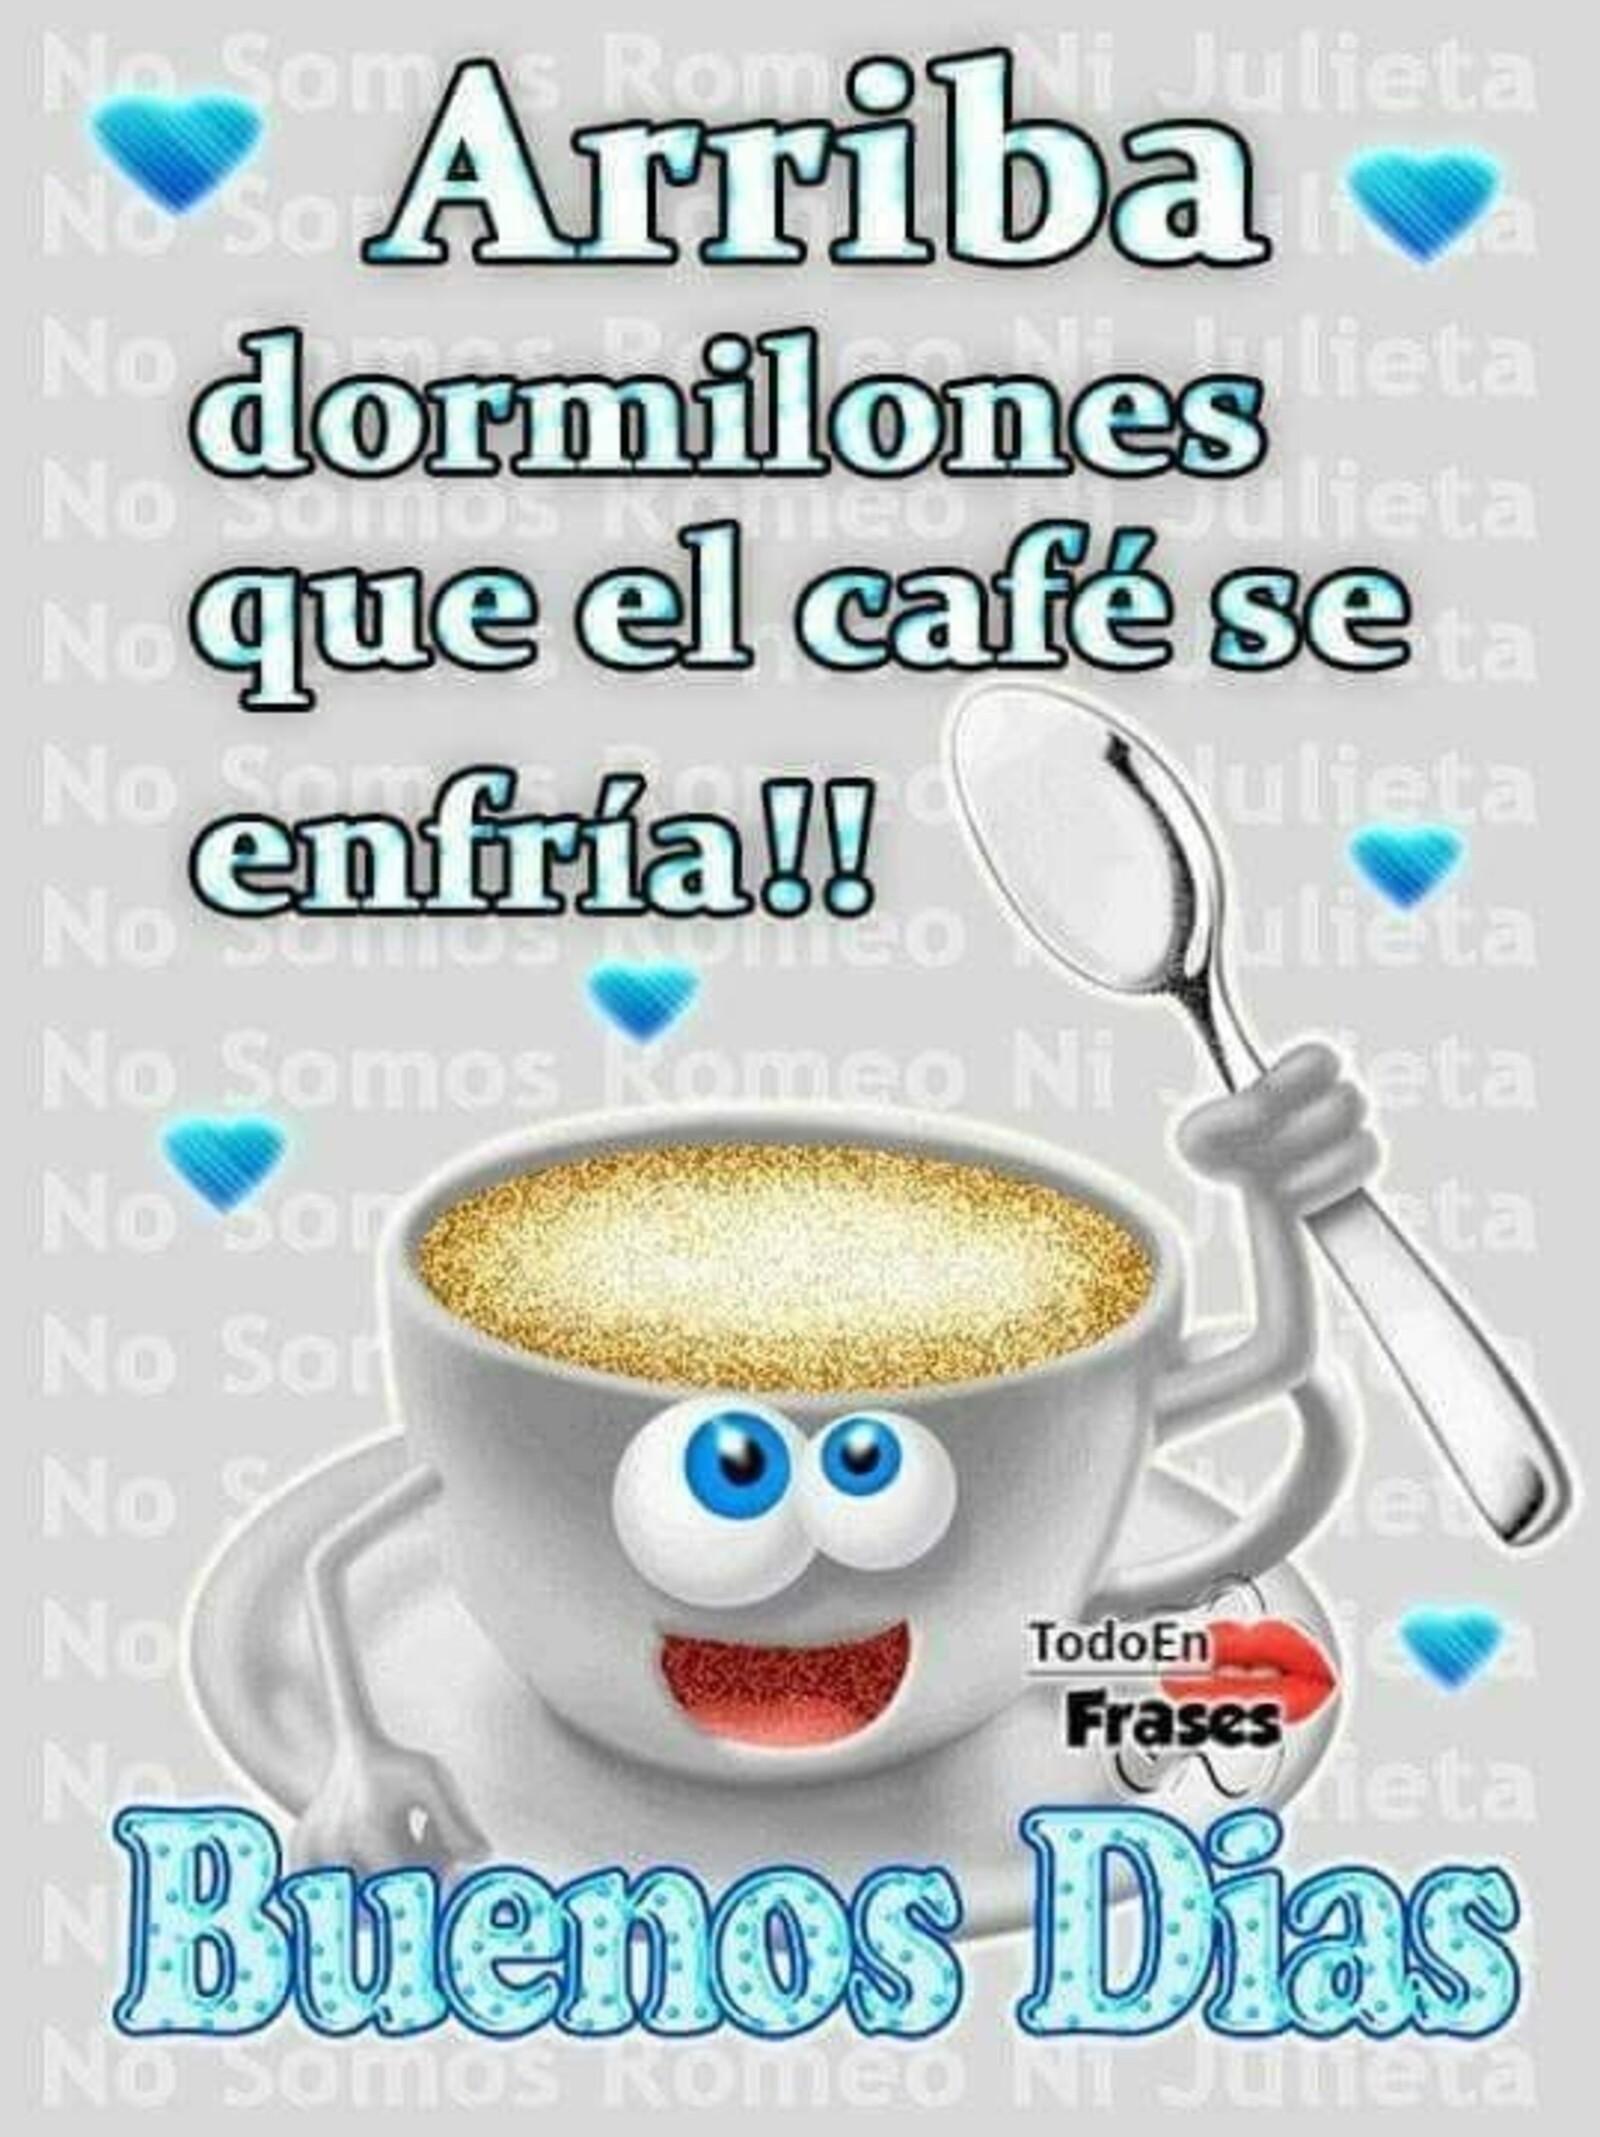 Arriba dormilones que el café se enfría!! Buenos días